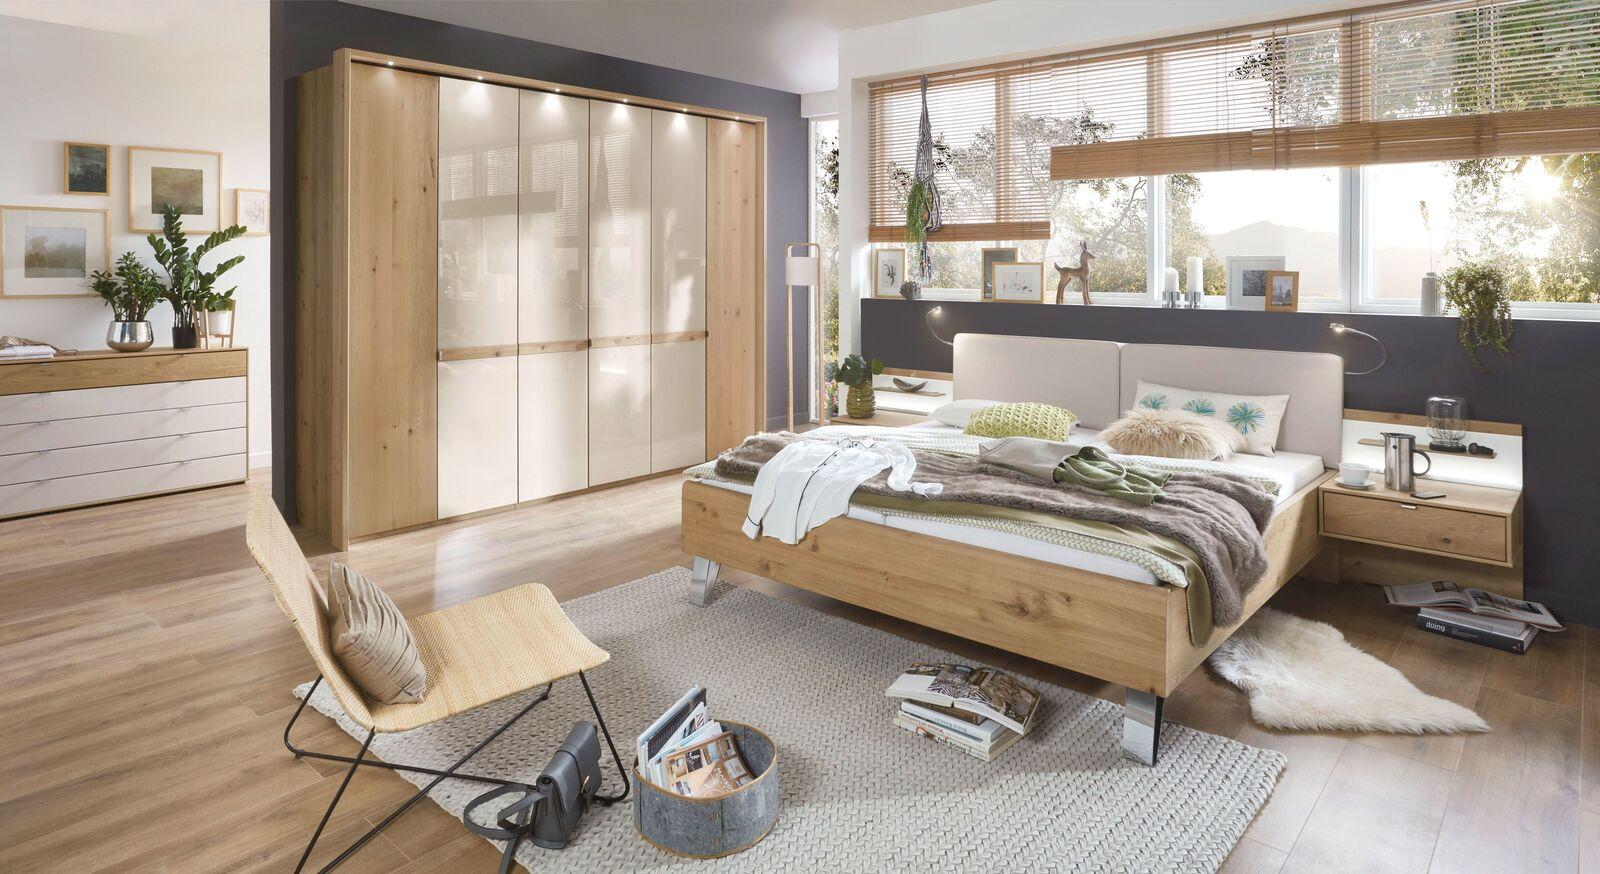 Schlafzimmer Corato mit eleganten Möbeln